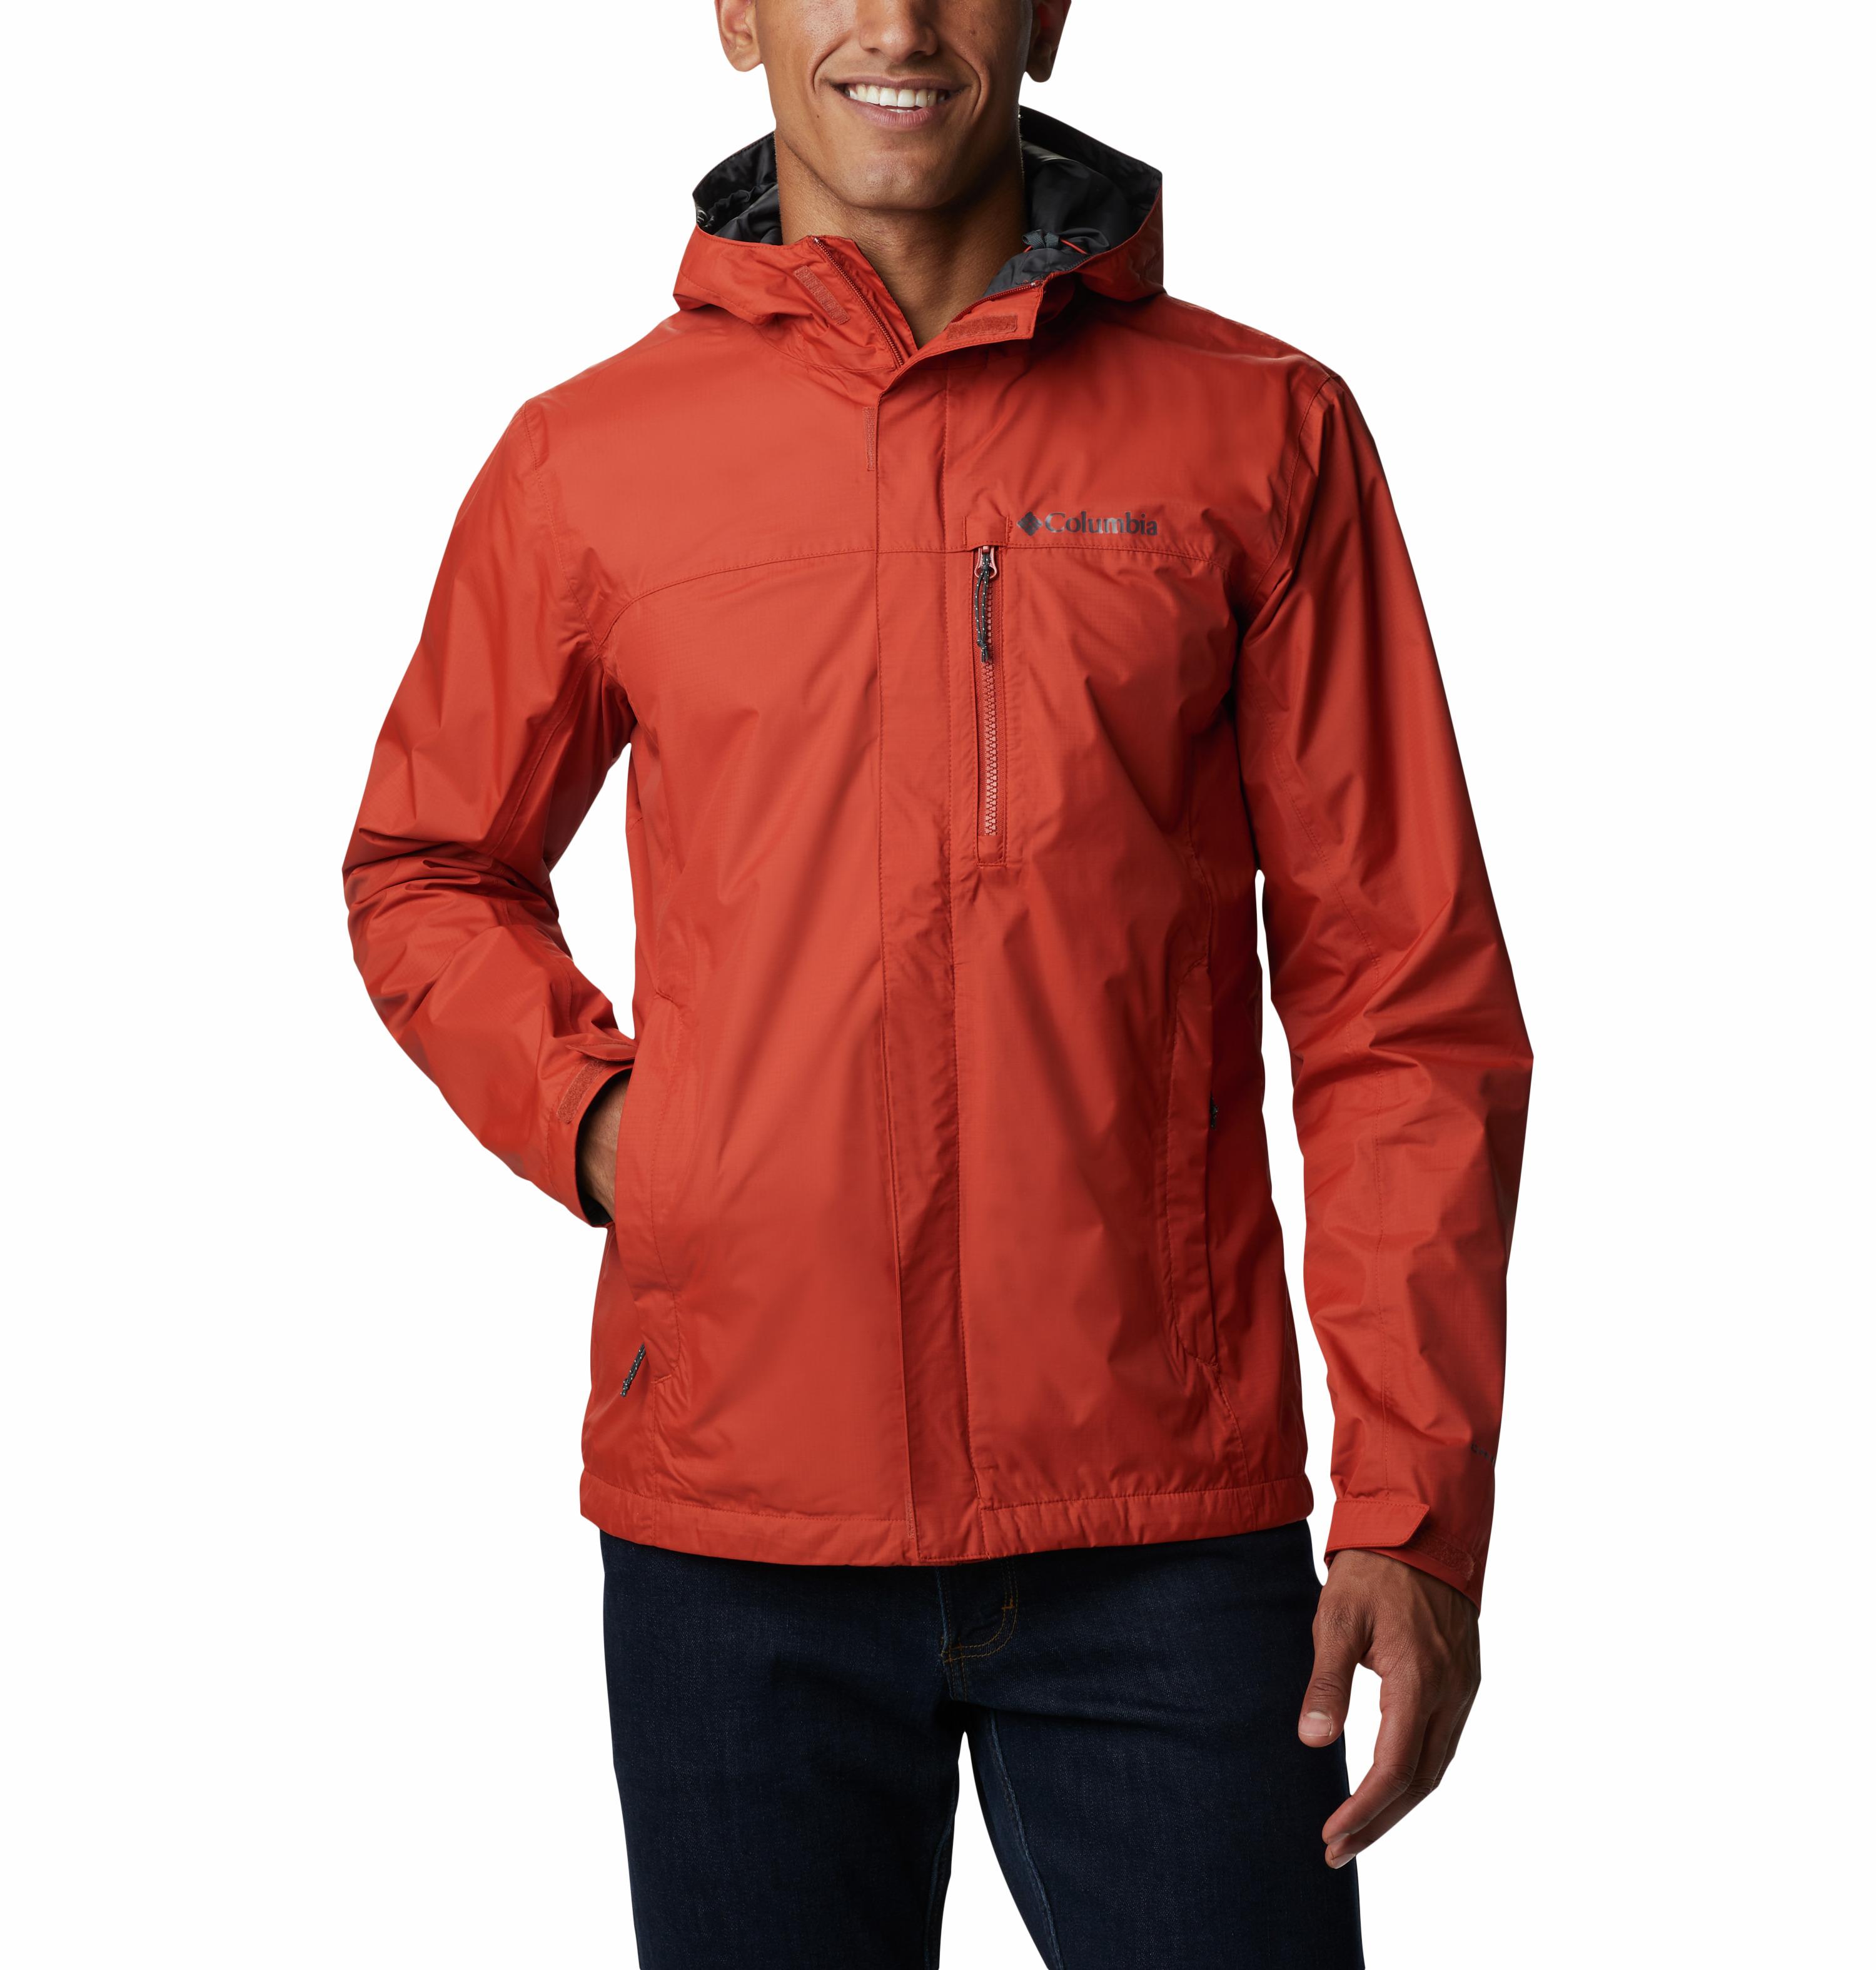 XO0191-248 COLUMBIA Pouring Adventure™ II Jacket